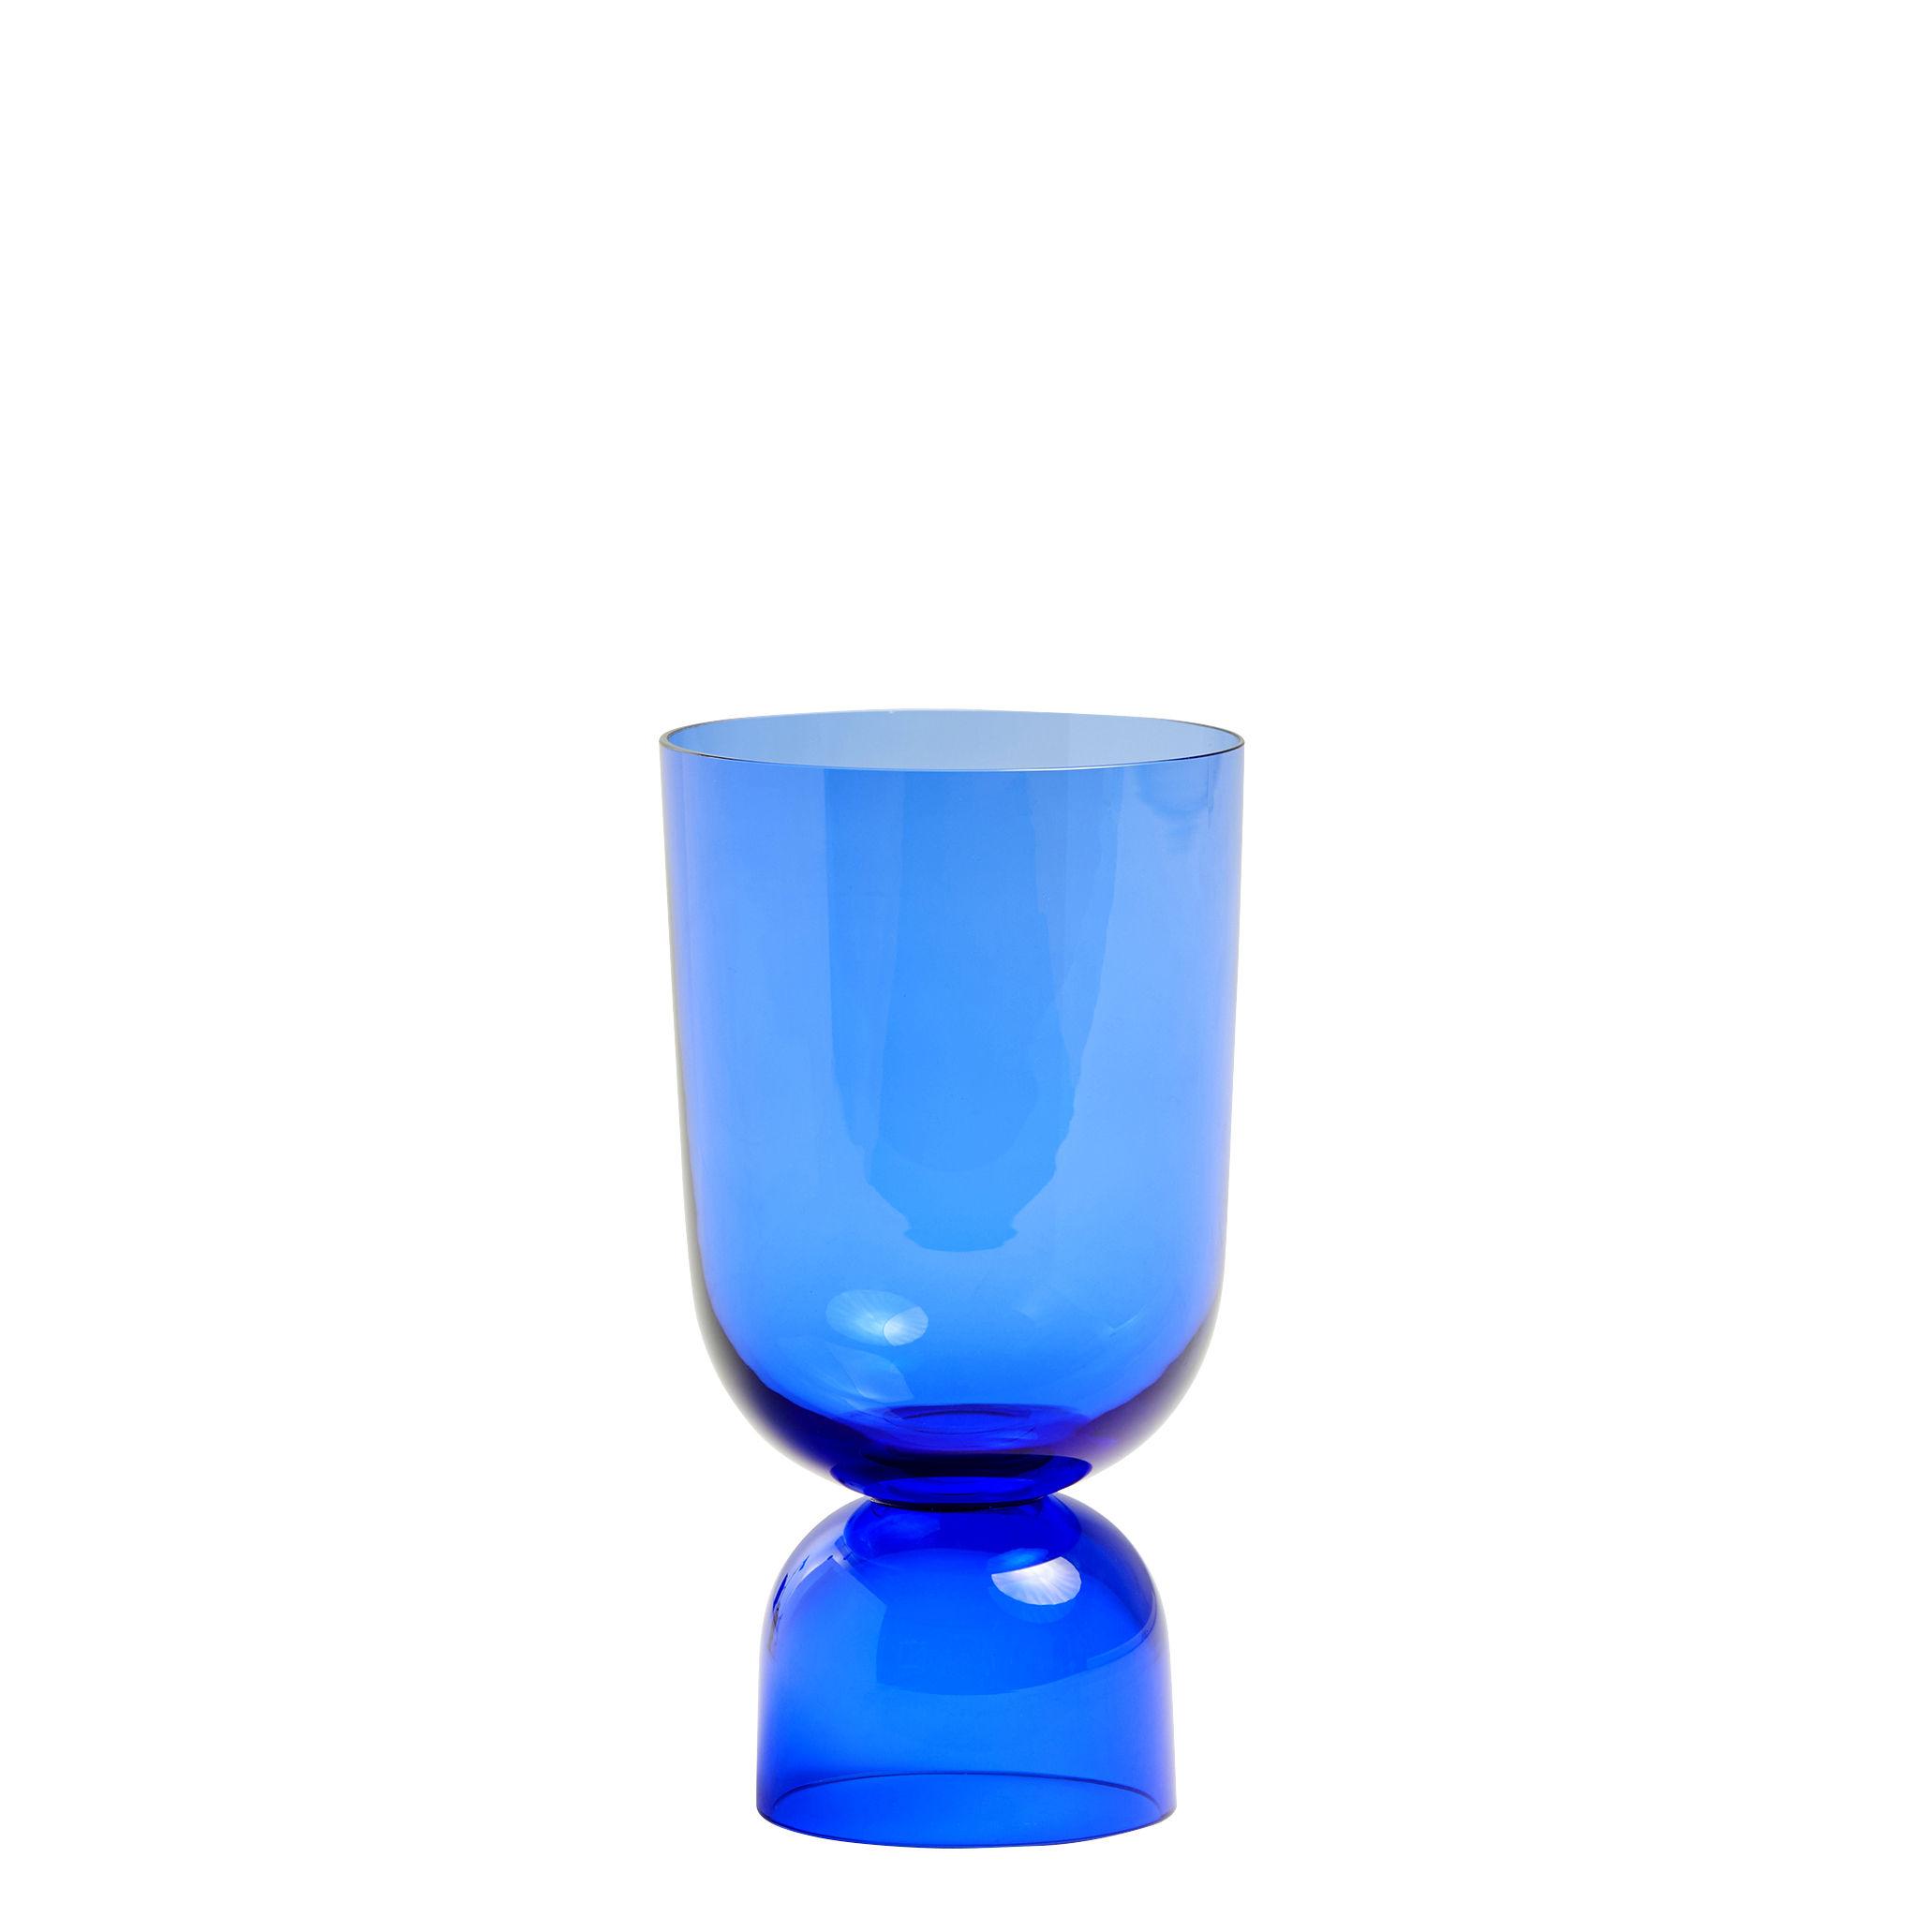 Interni - Vasi - Vaso Bottoms Up - / Small - H 21 cm di Hay - Blu elettrico - Vetro colorato